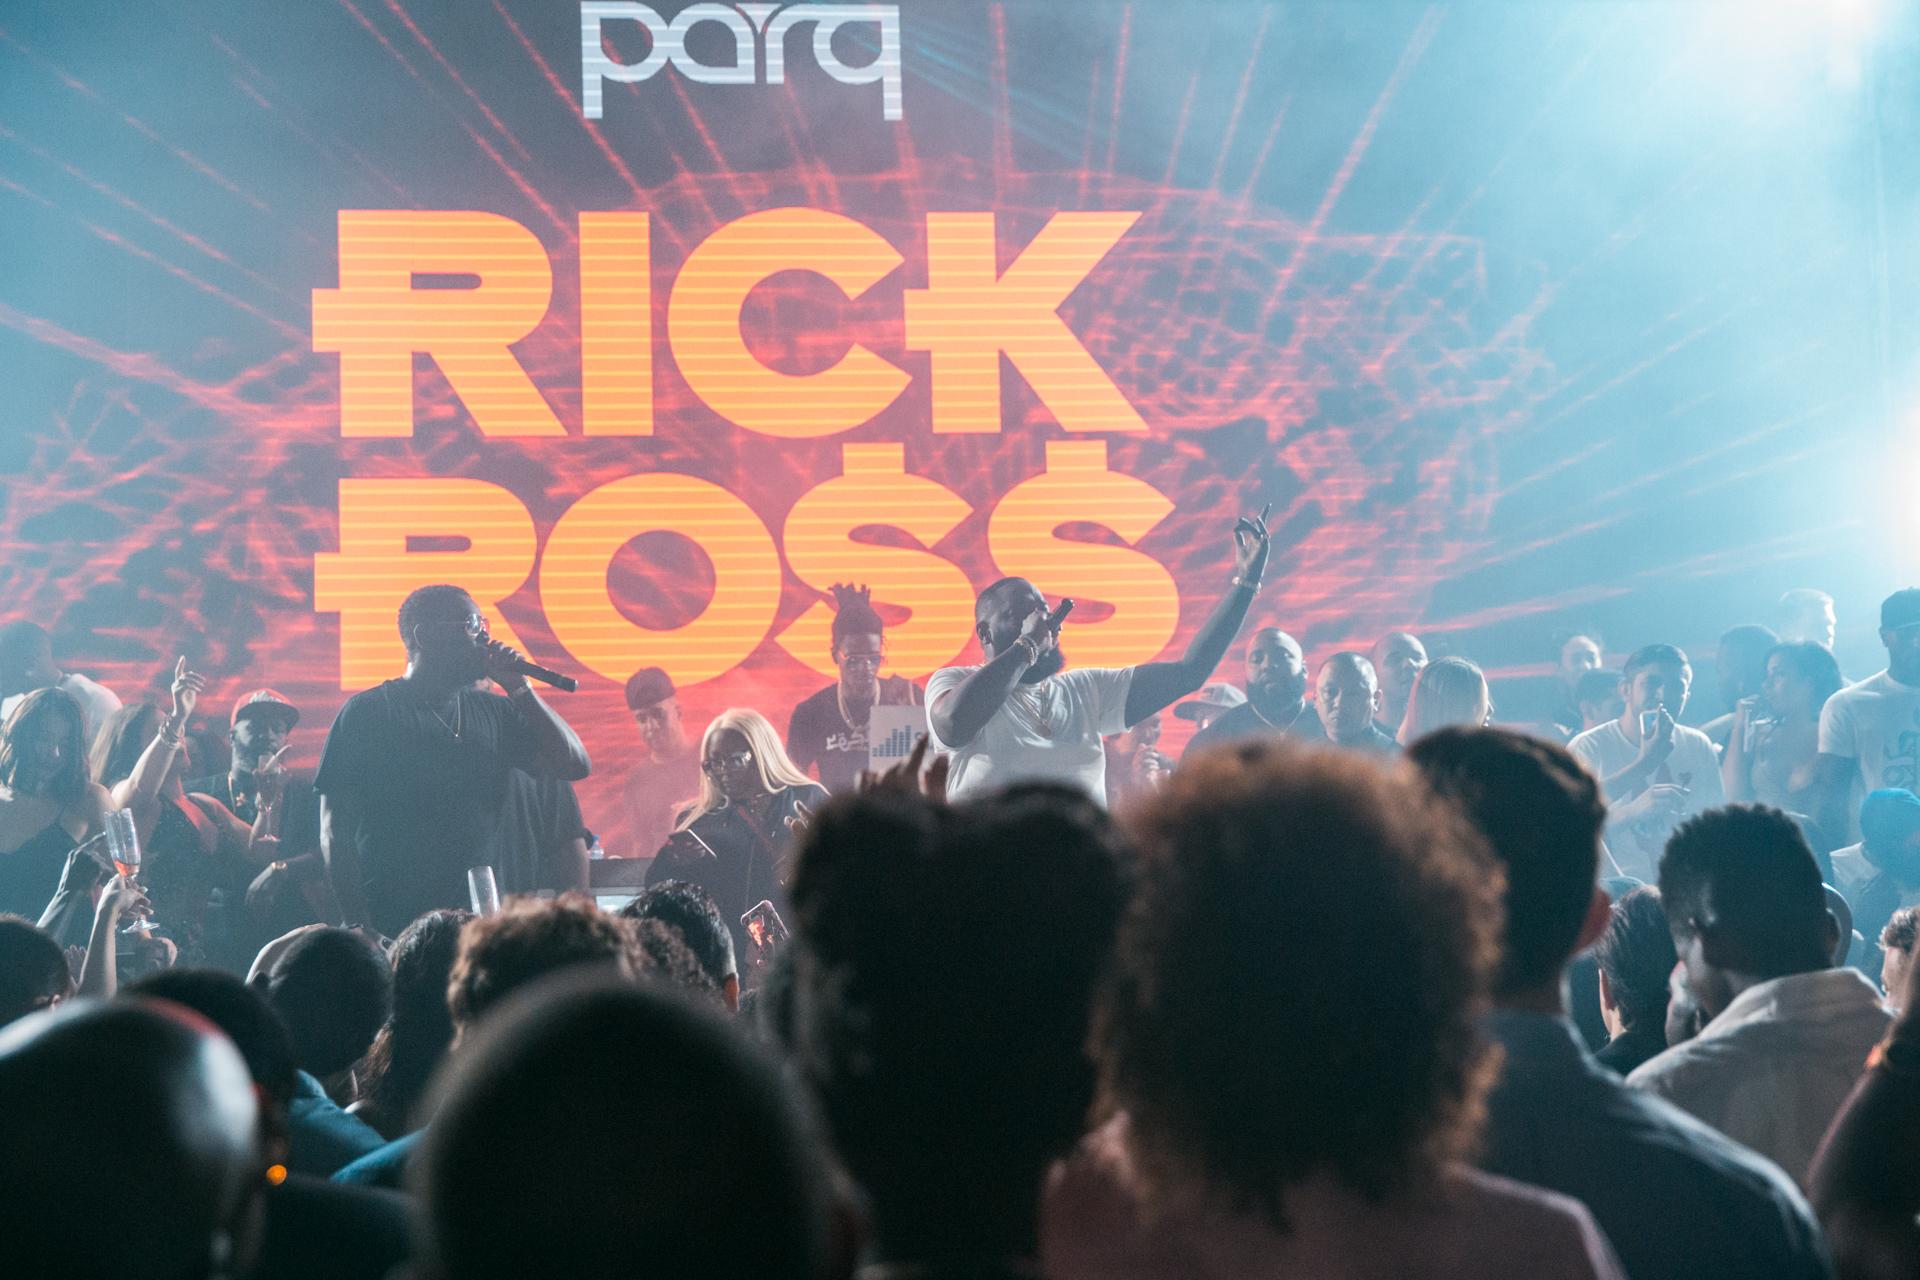 09.03.17 Parq - Rick Ross--1.jpg